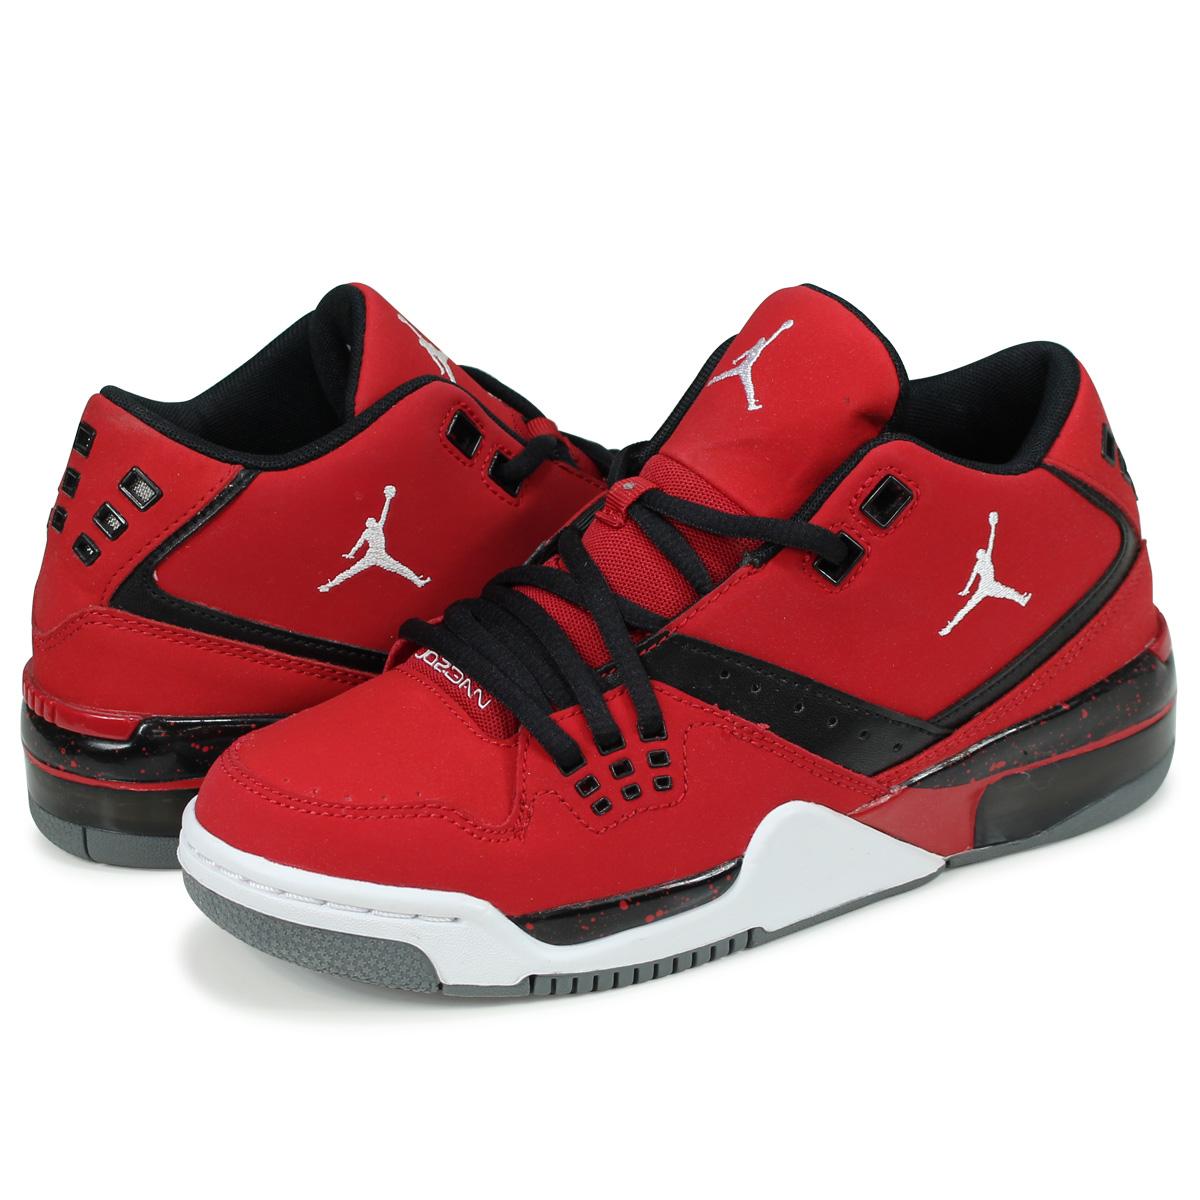 Whats up Sports  NIKE AIR JORDAN FLIGHT 23 BG Nike Air Jordan flight ... 739944952